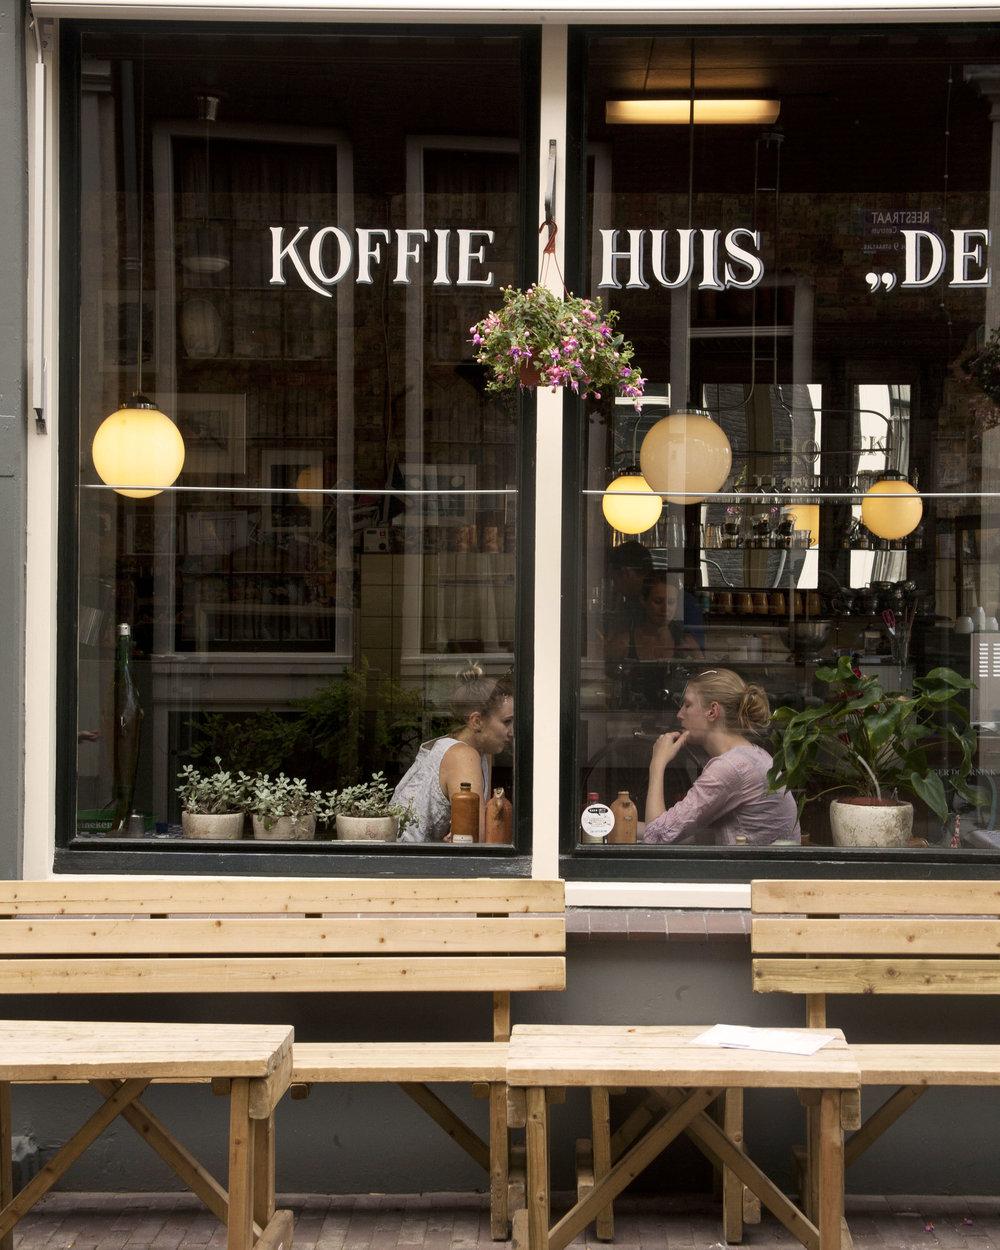 Koffie Huis 8x10.jpg